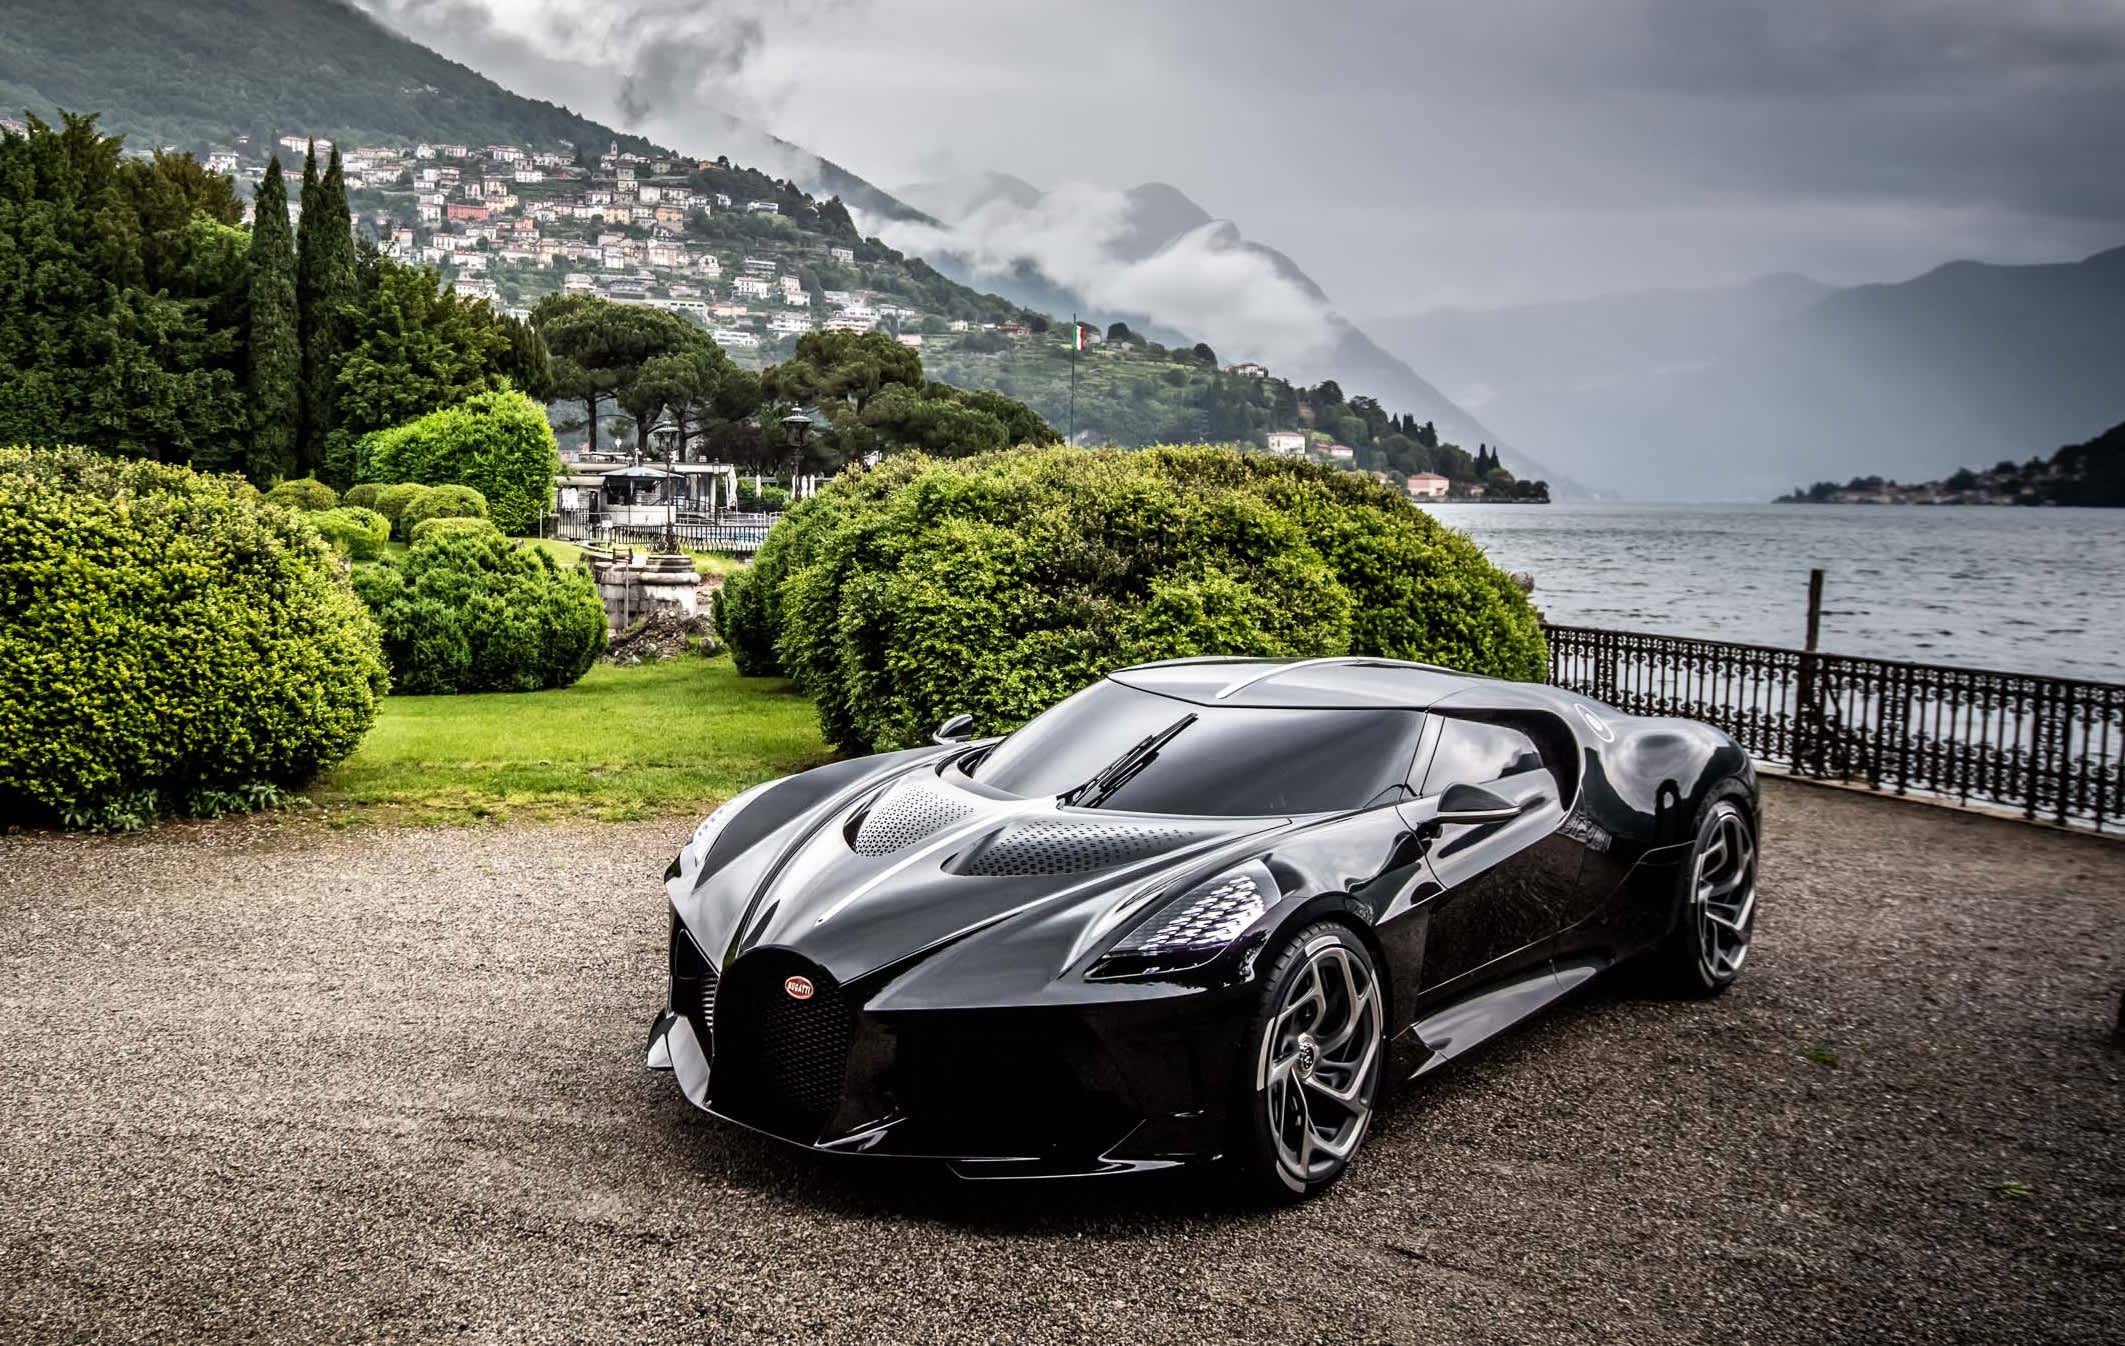 Bugatti's $18.7 million La Voiture Noire makes its US debut at Pebble Beach